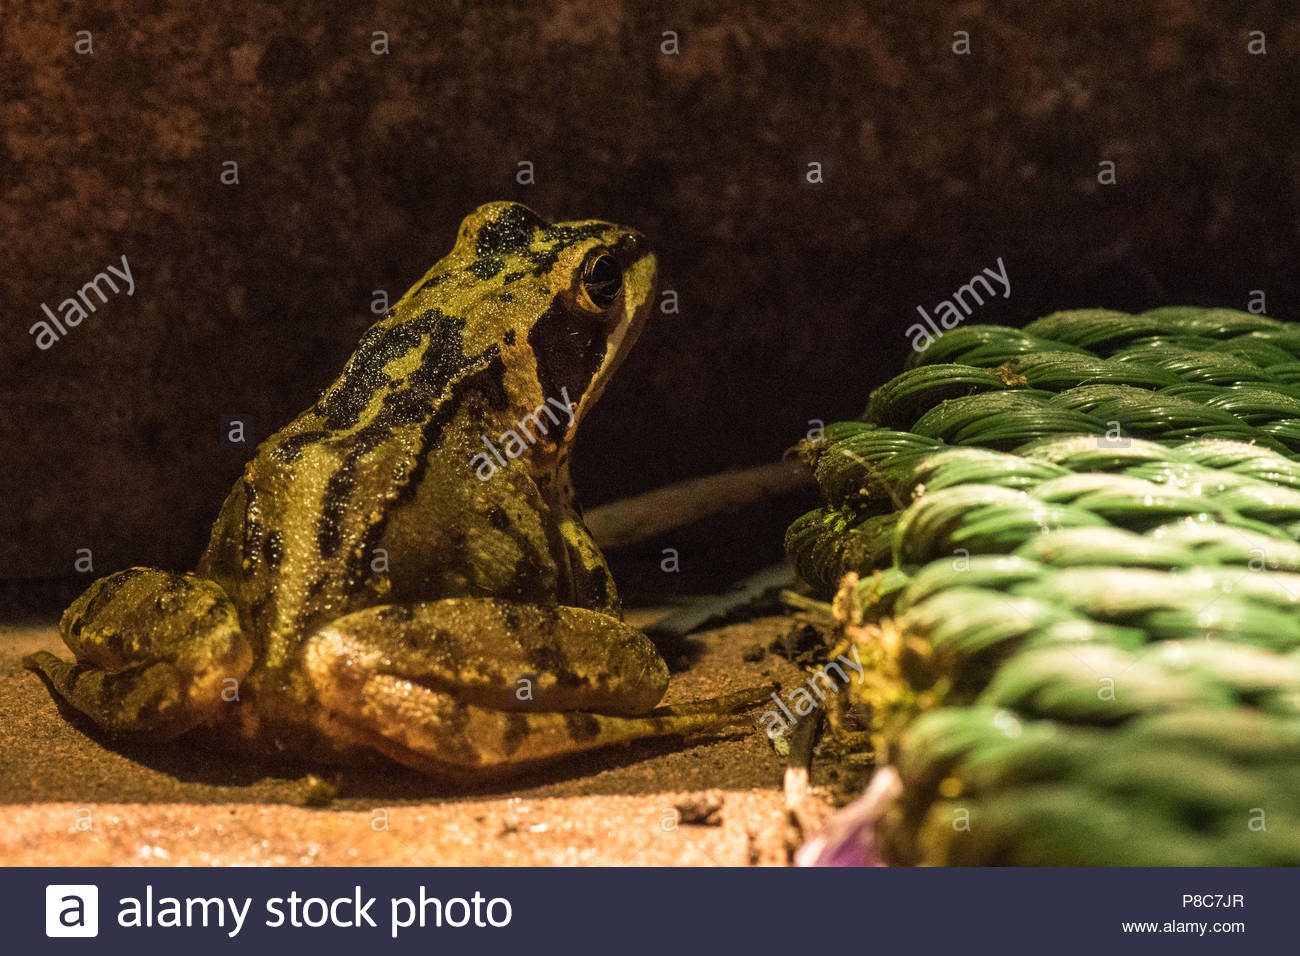 """Jardin de la faune nocturne - Royaume-Uni Une grenouille rousse (Rana temporaria"""" de l'extérieur de maison la nuit Photo Stock"""